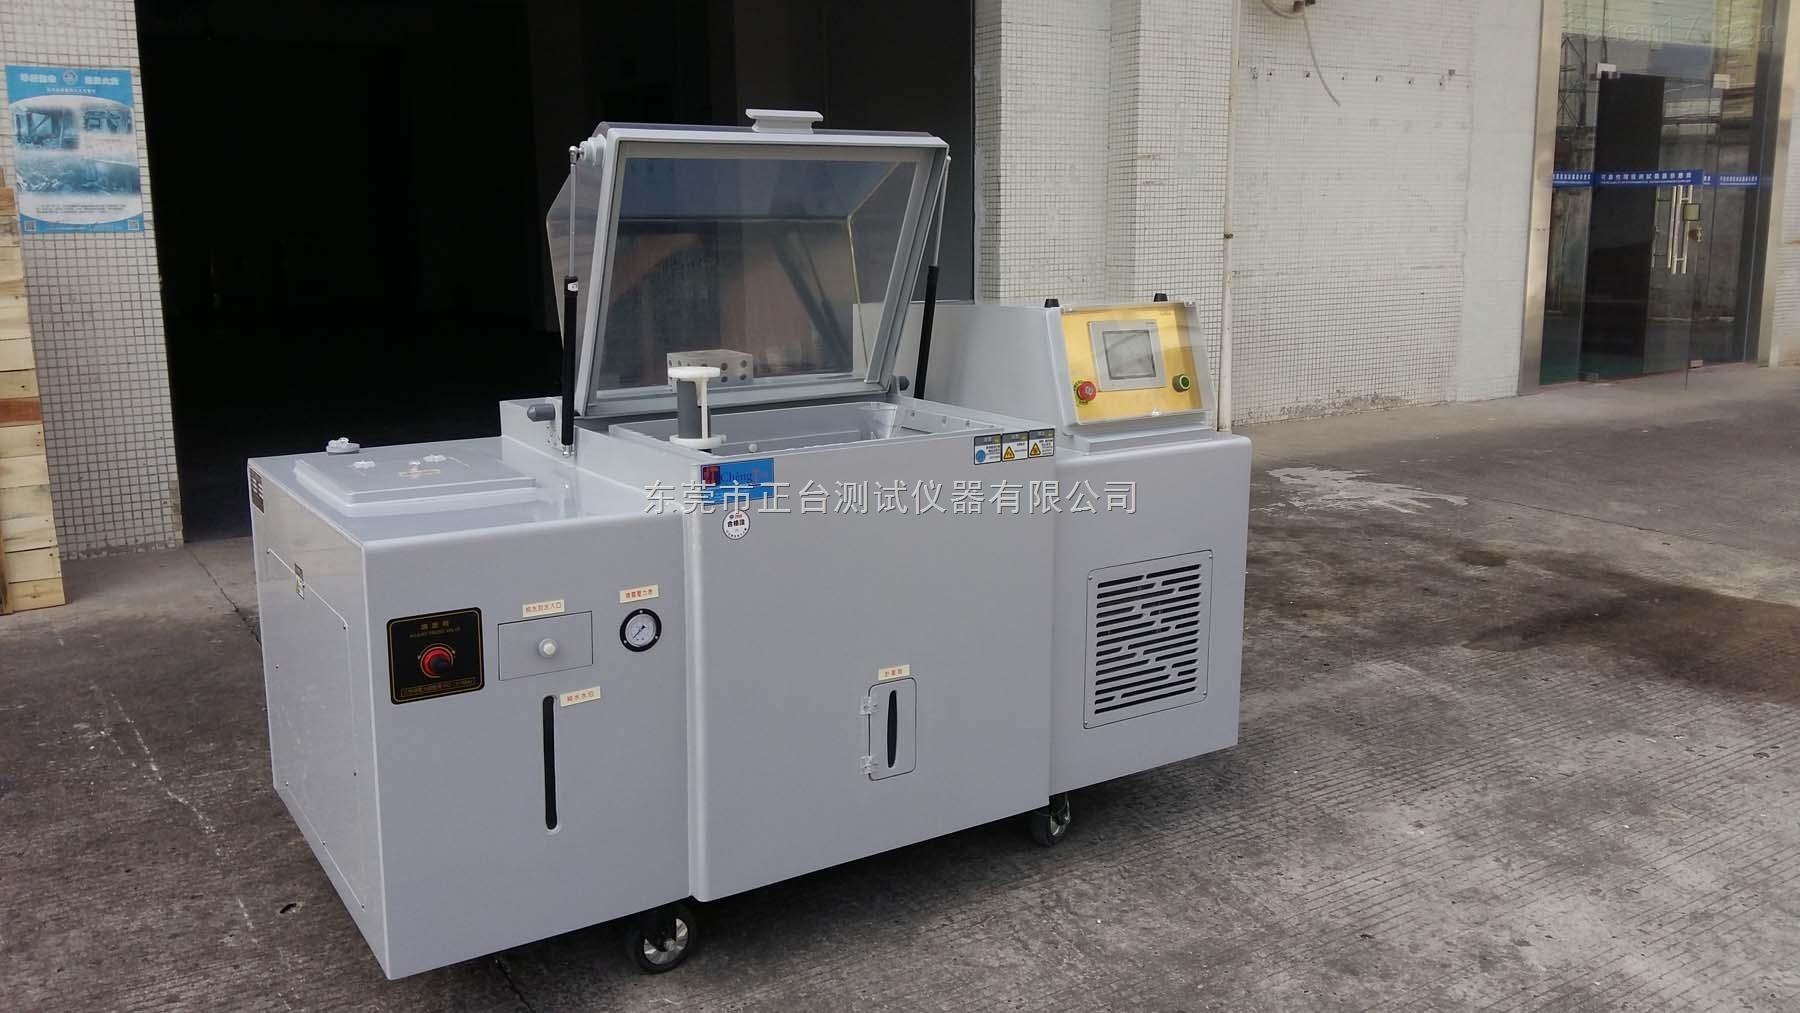 复合式腐蚀测试箱,复合式腐蚀测试机